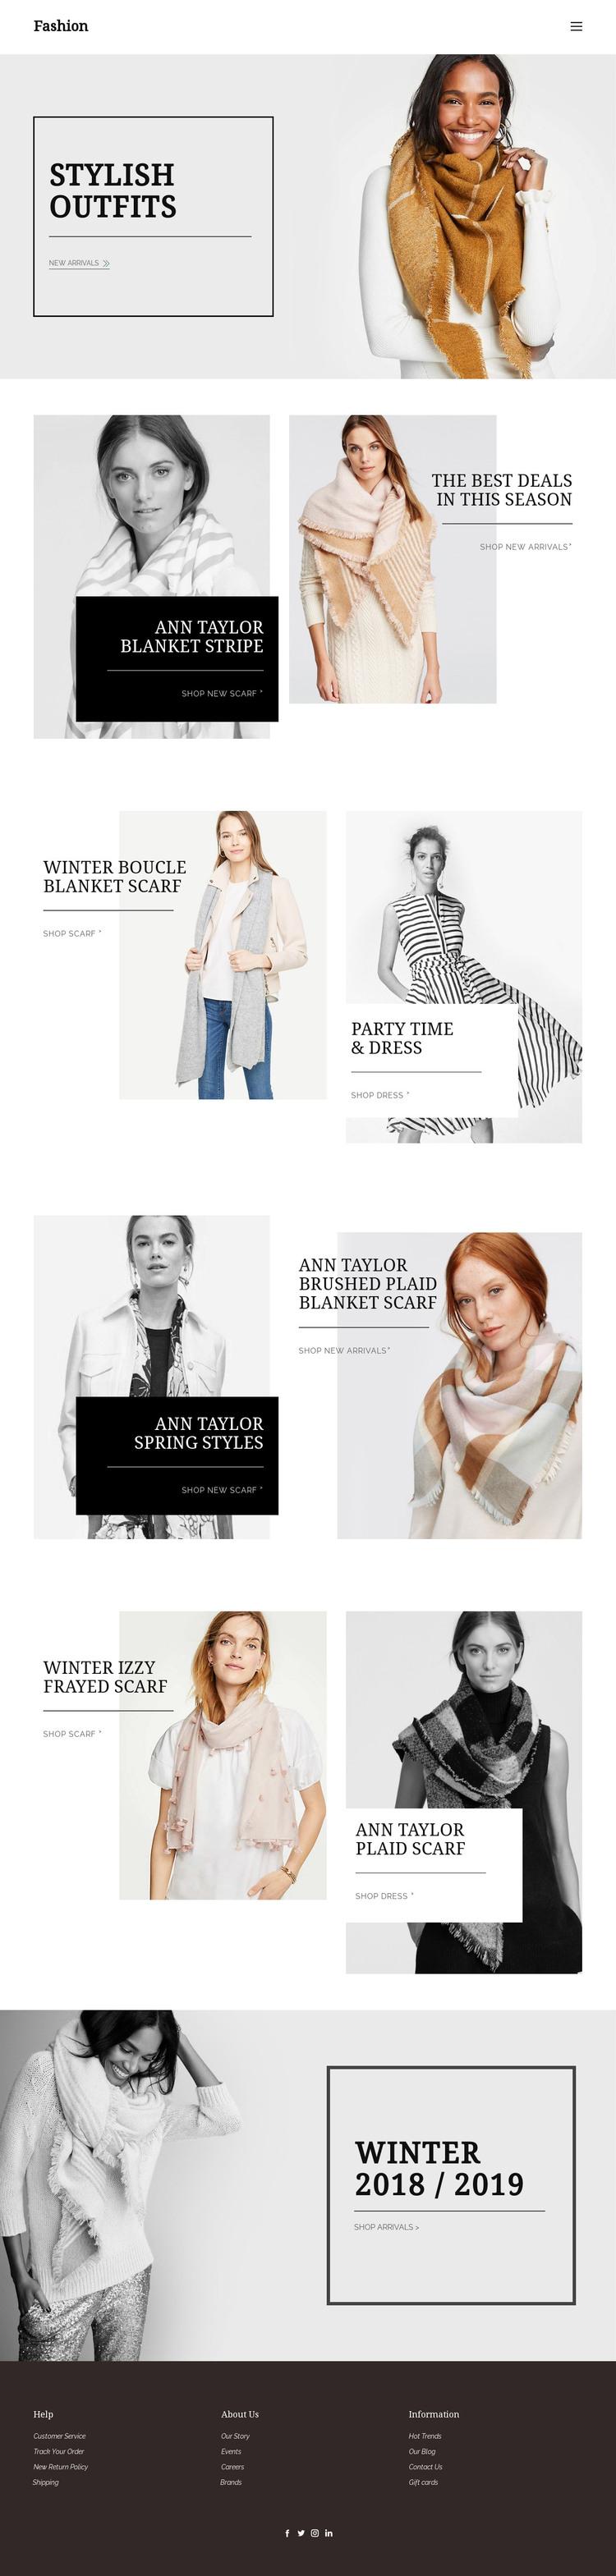 Personal shopper service WordPress Theme